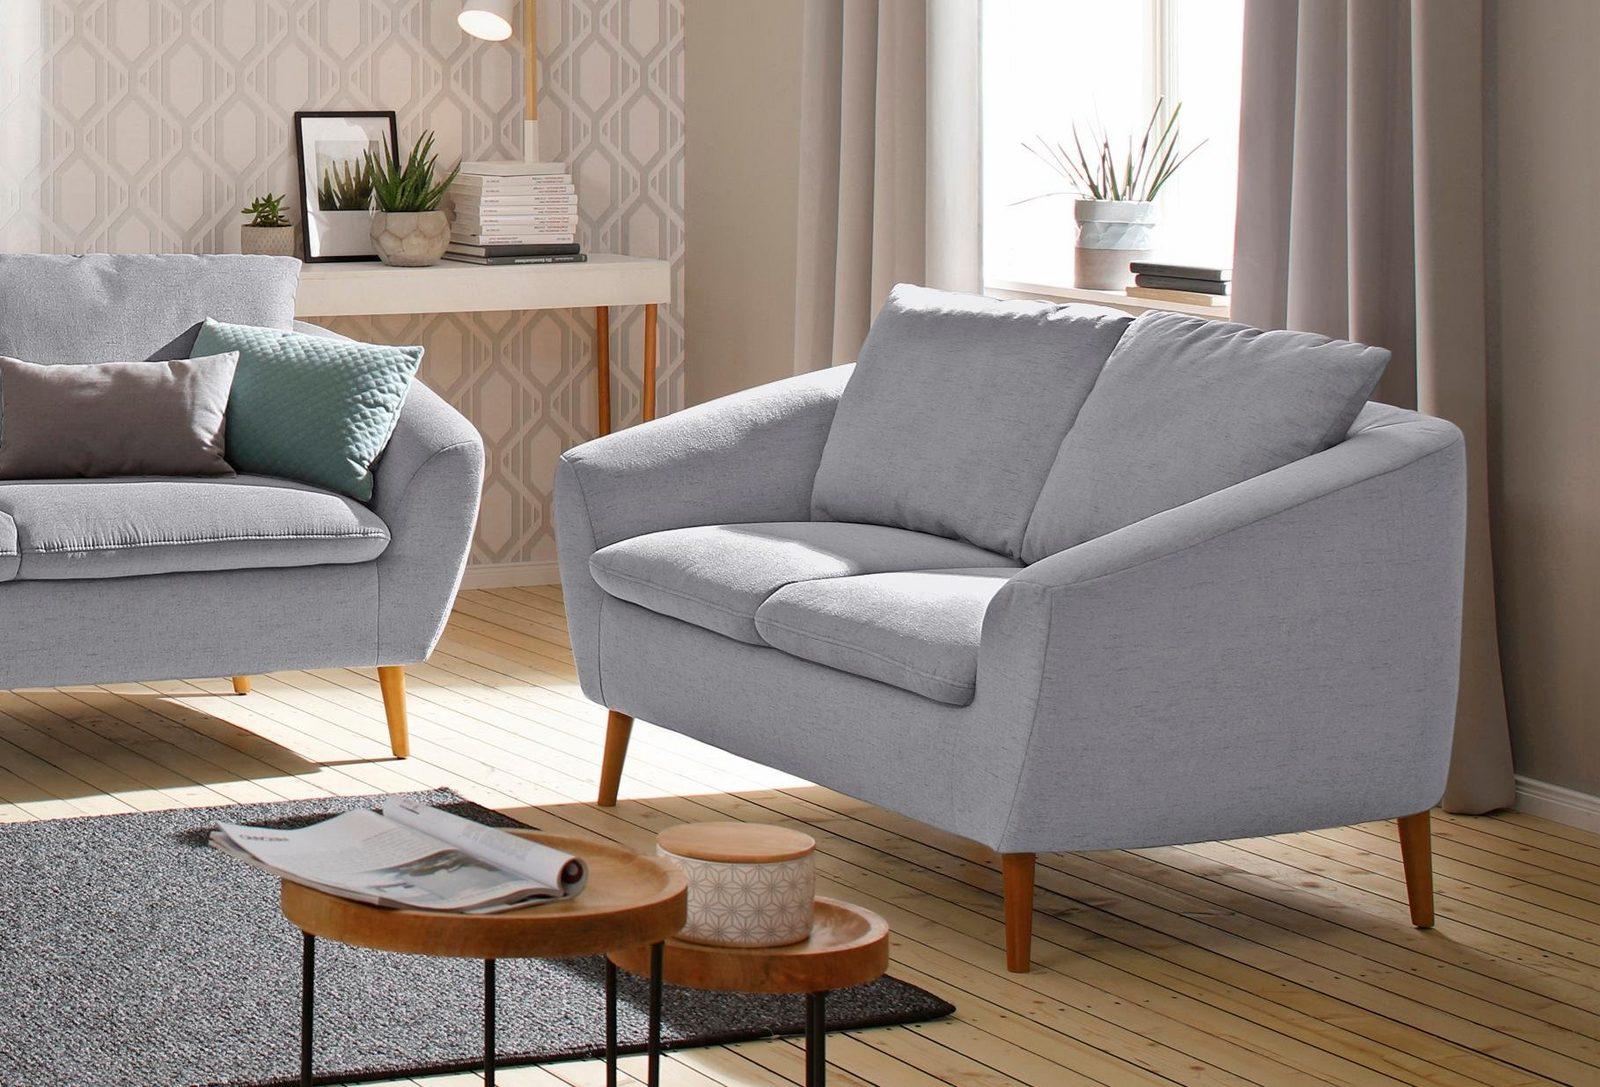 Home affaire 2-Sitzer »Amadeo« im skandinavischem Design, lose Rückenkissen jetztbilligerkaufen